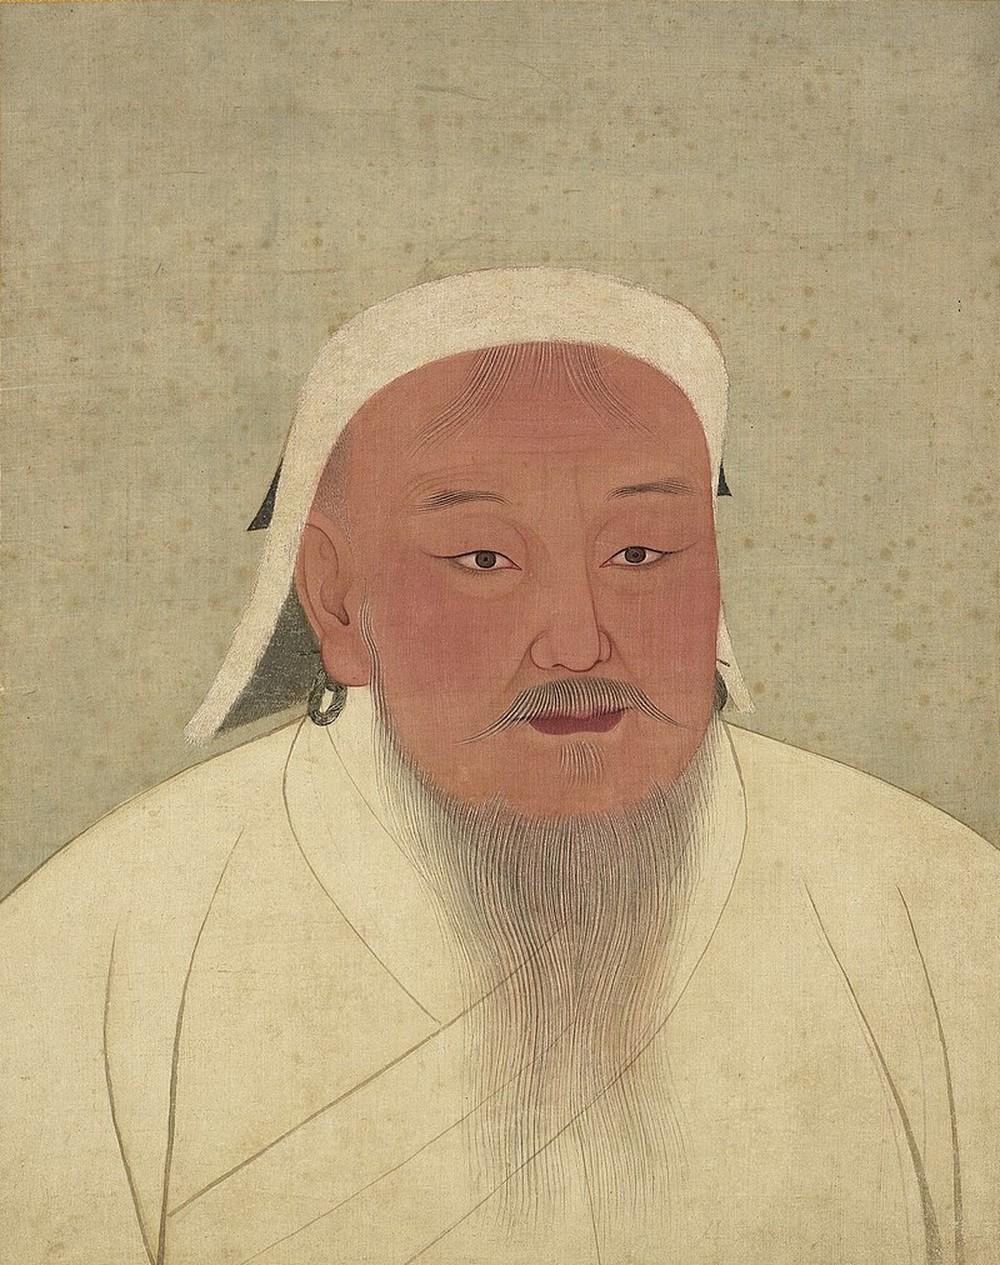 Khi nhà Nguyên sụp đổ, hậu duệ của Thành Cát Tư Hãn phải thay tên đổi họ trốn chạy: 600 năm sau bất ngờ đoàn tụ bằng một bài thơ! - Ảnh 1.